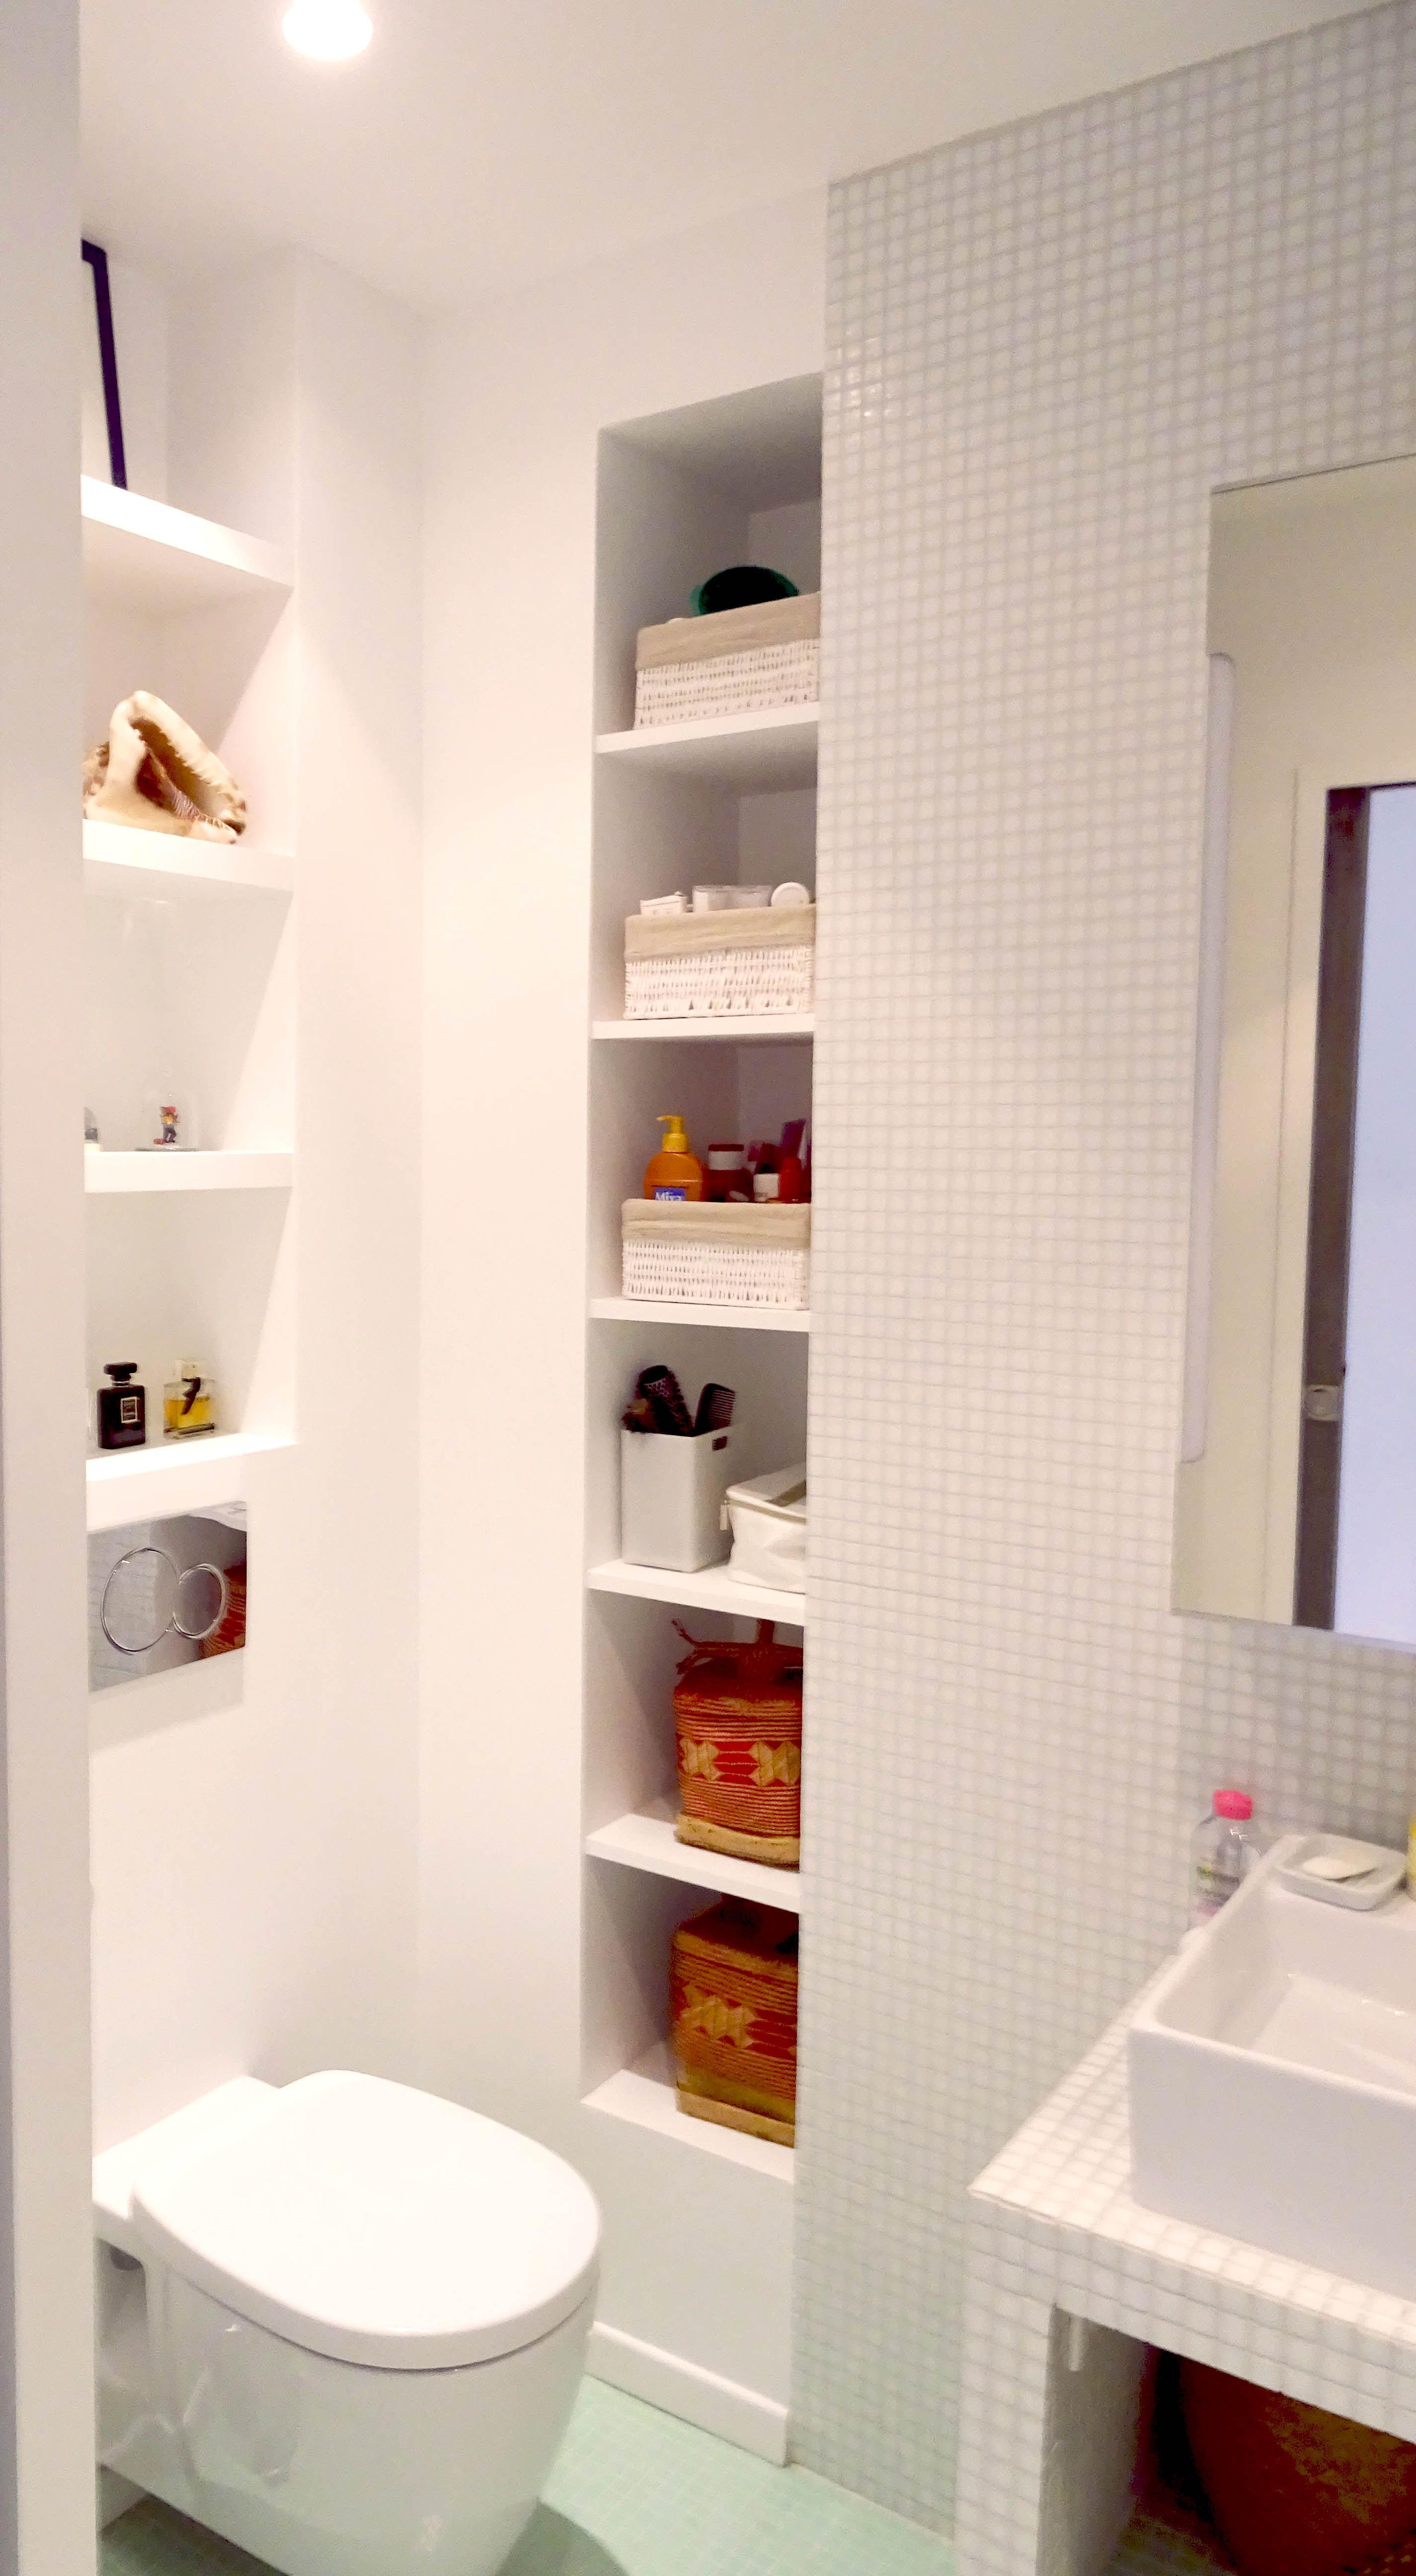 Salle De Bain Beige Meuble Taupe ~ Optimisation D Une Petite Salle De Bain Dans Un Projet Parisien